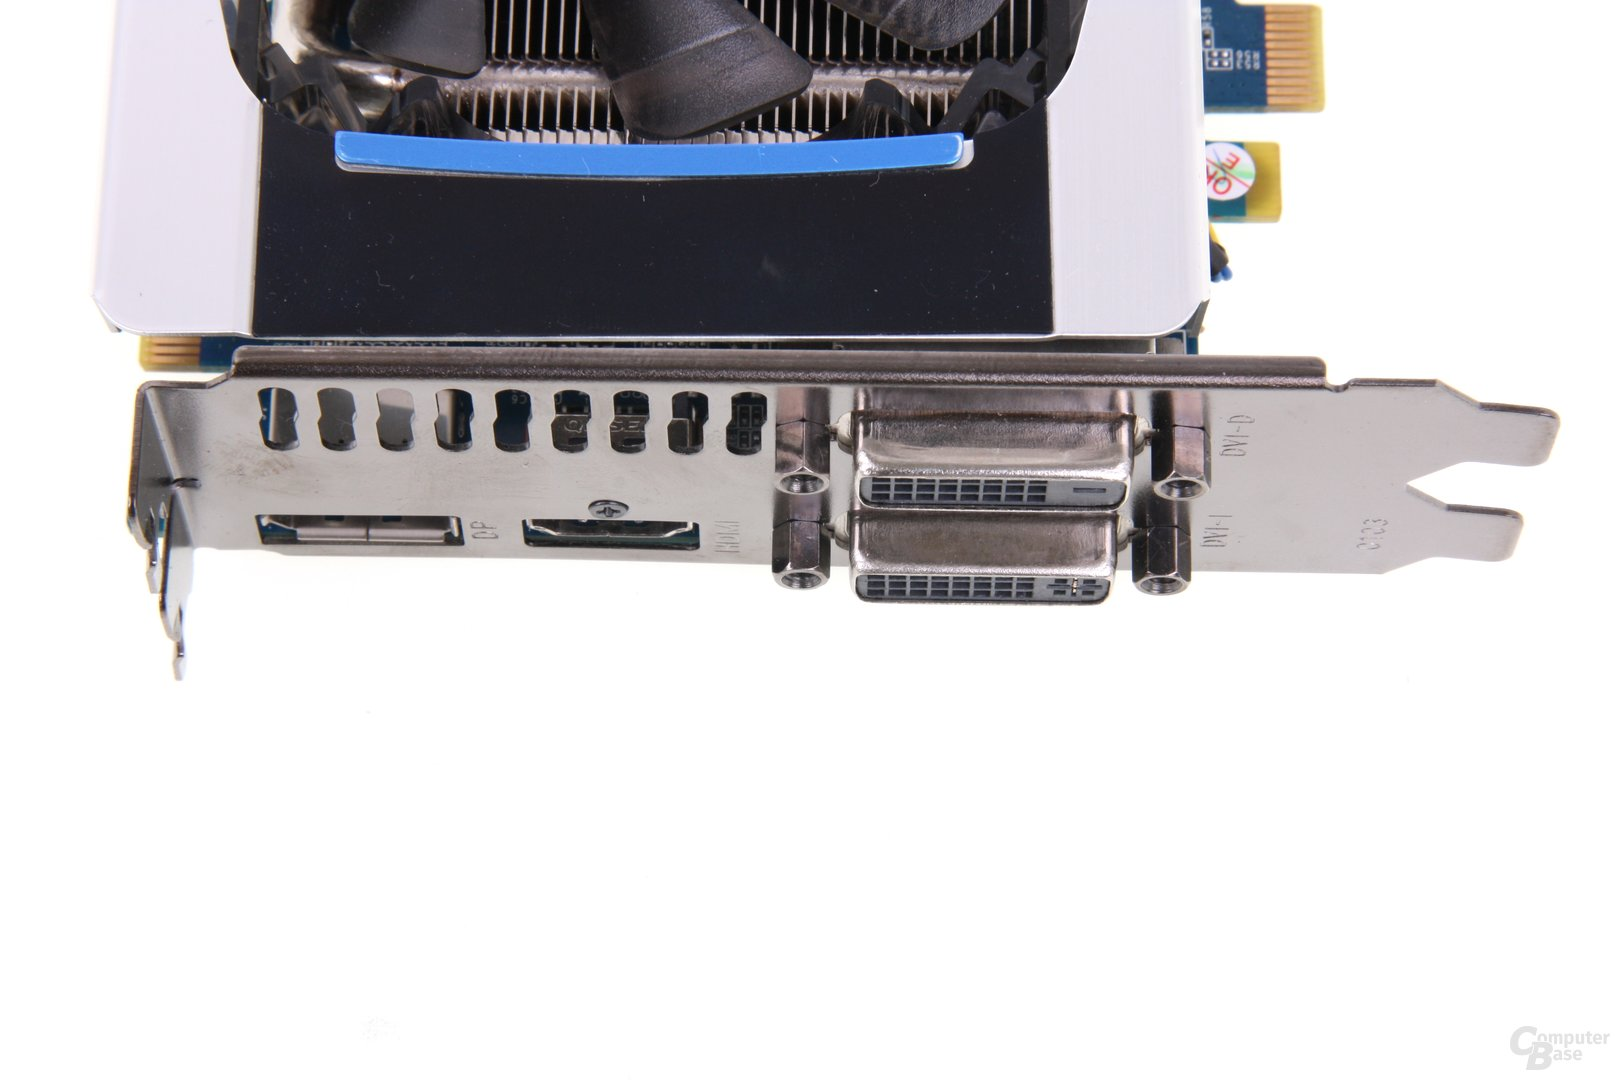 GeForce GTX 680 OC EX Anschlüsse